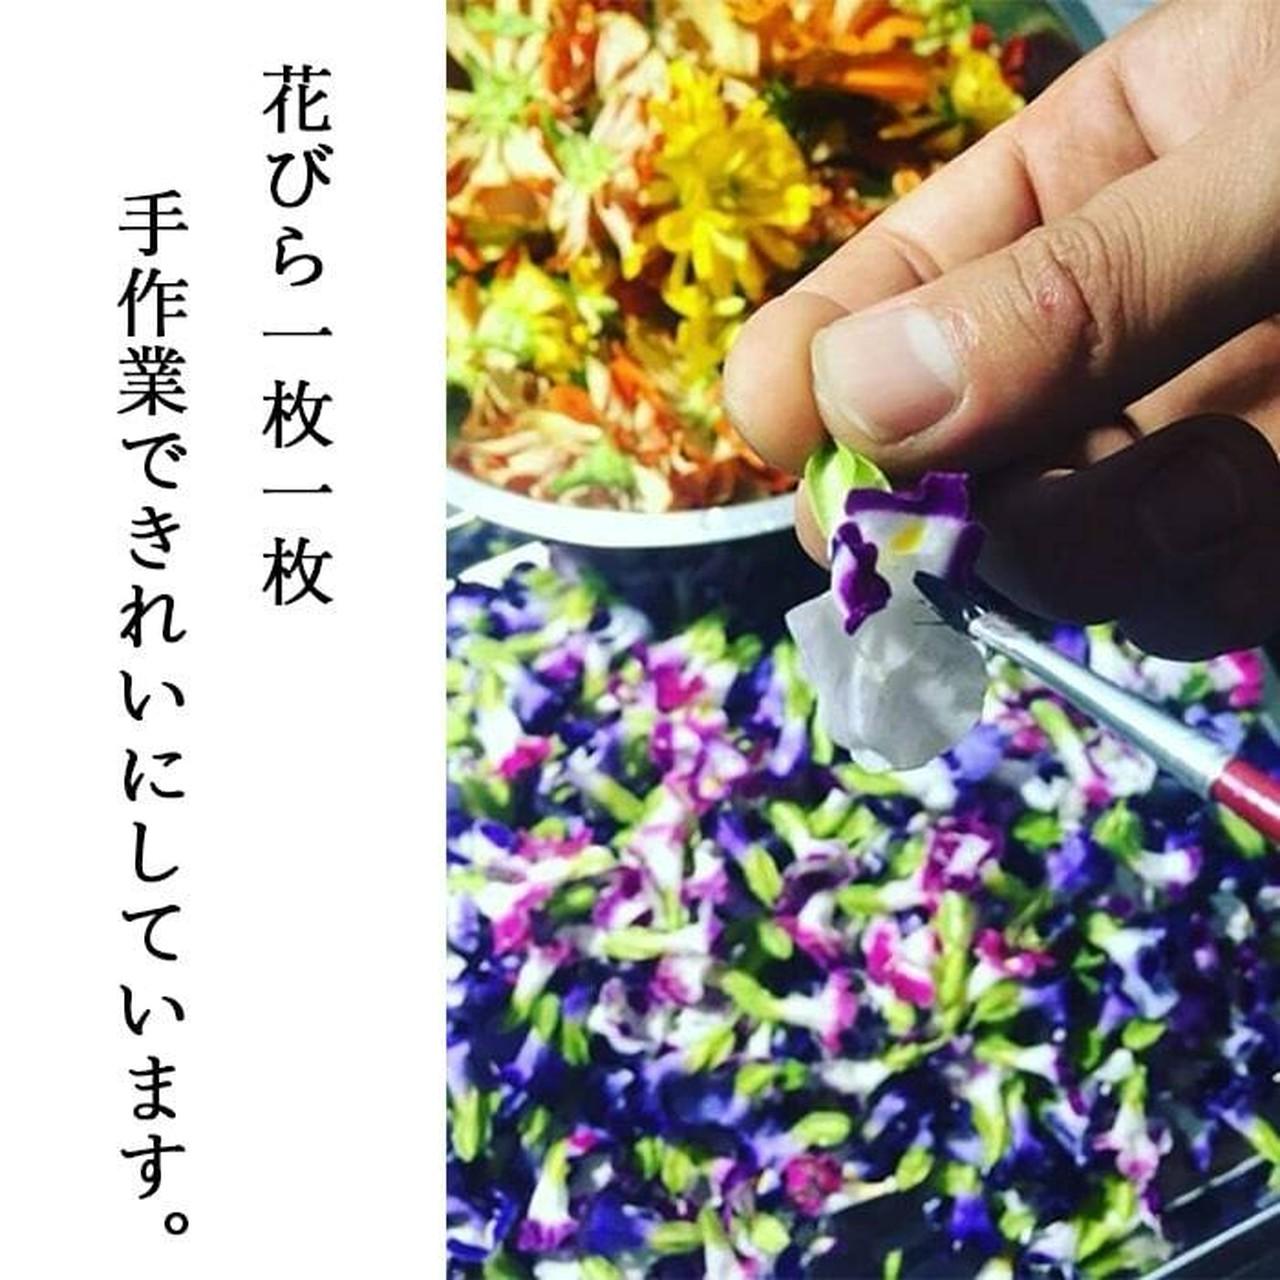 【87farm】食べられる ドライフラワー(ビオラ ヘブンリーブルー)